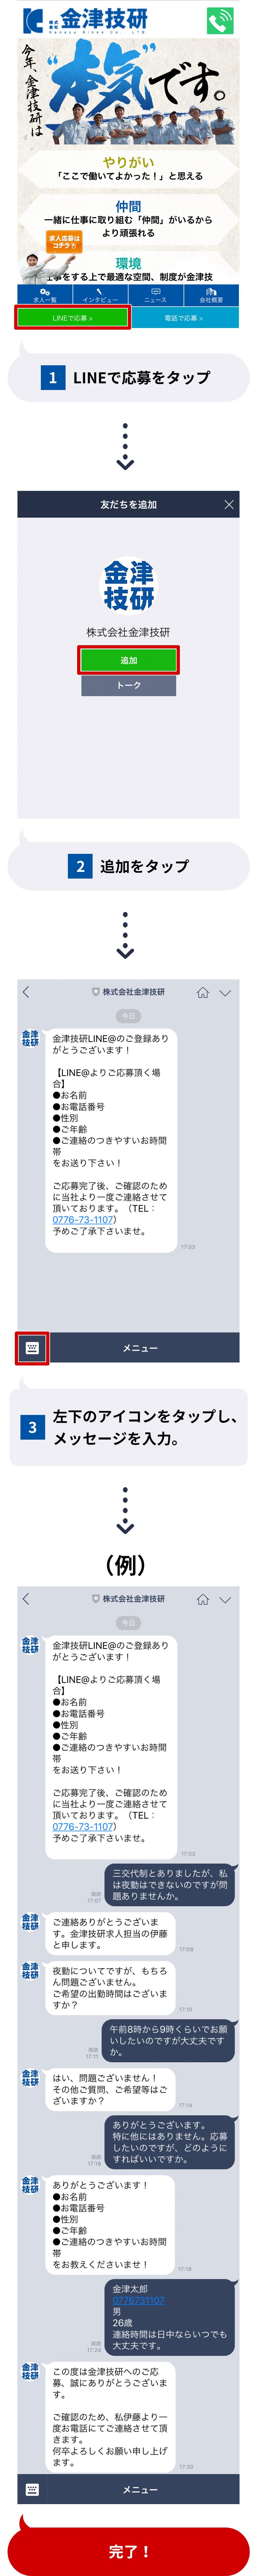 株式会社金津技研